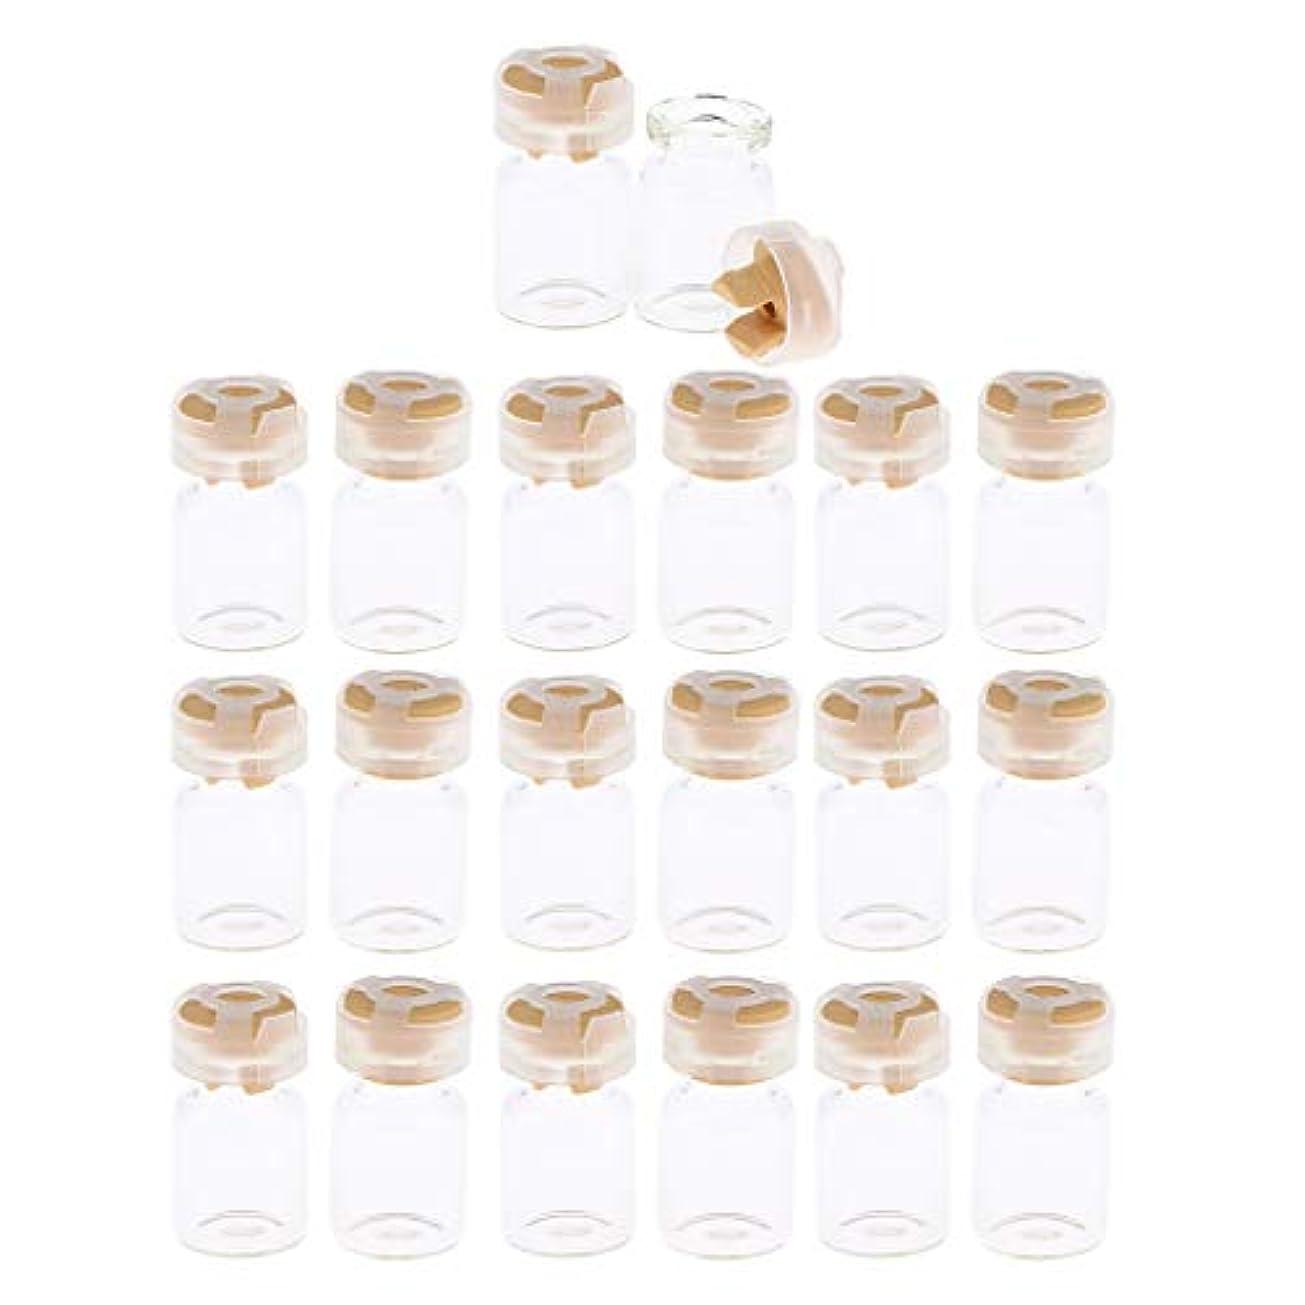 モジュールレッスン昇進ガラス瓶 ミニ 耐久 液体 クリーム 空の瓶 密封びん 容器 20個セット 5色選択 - 黄